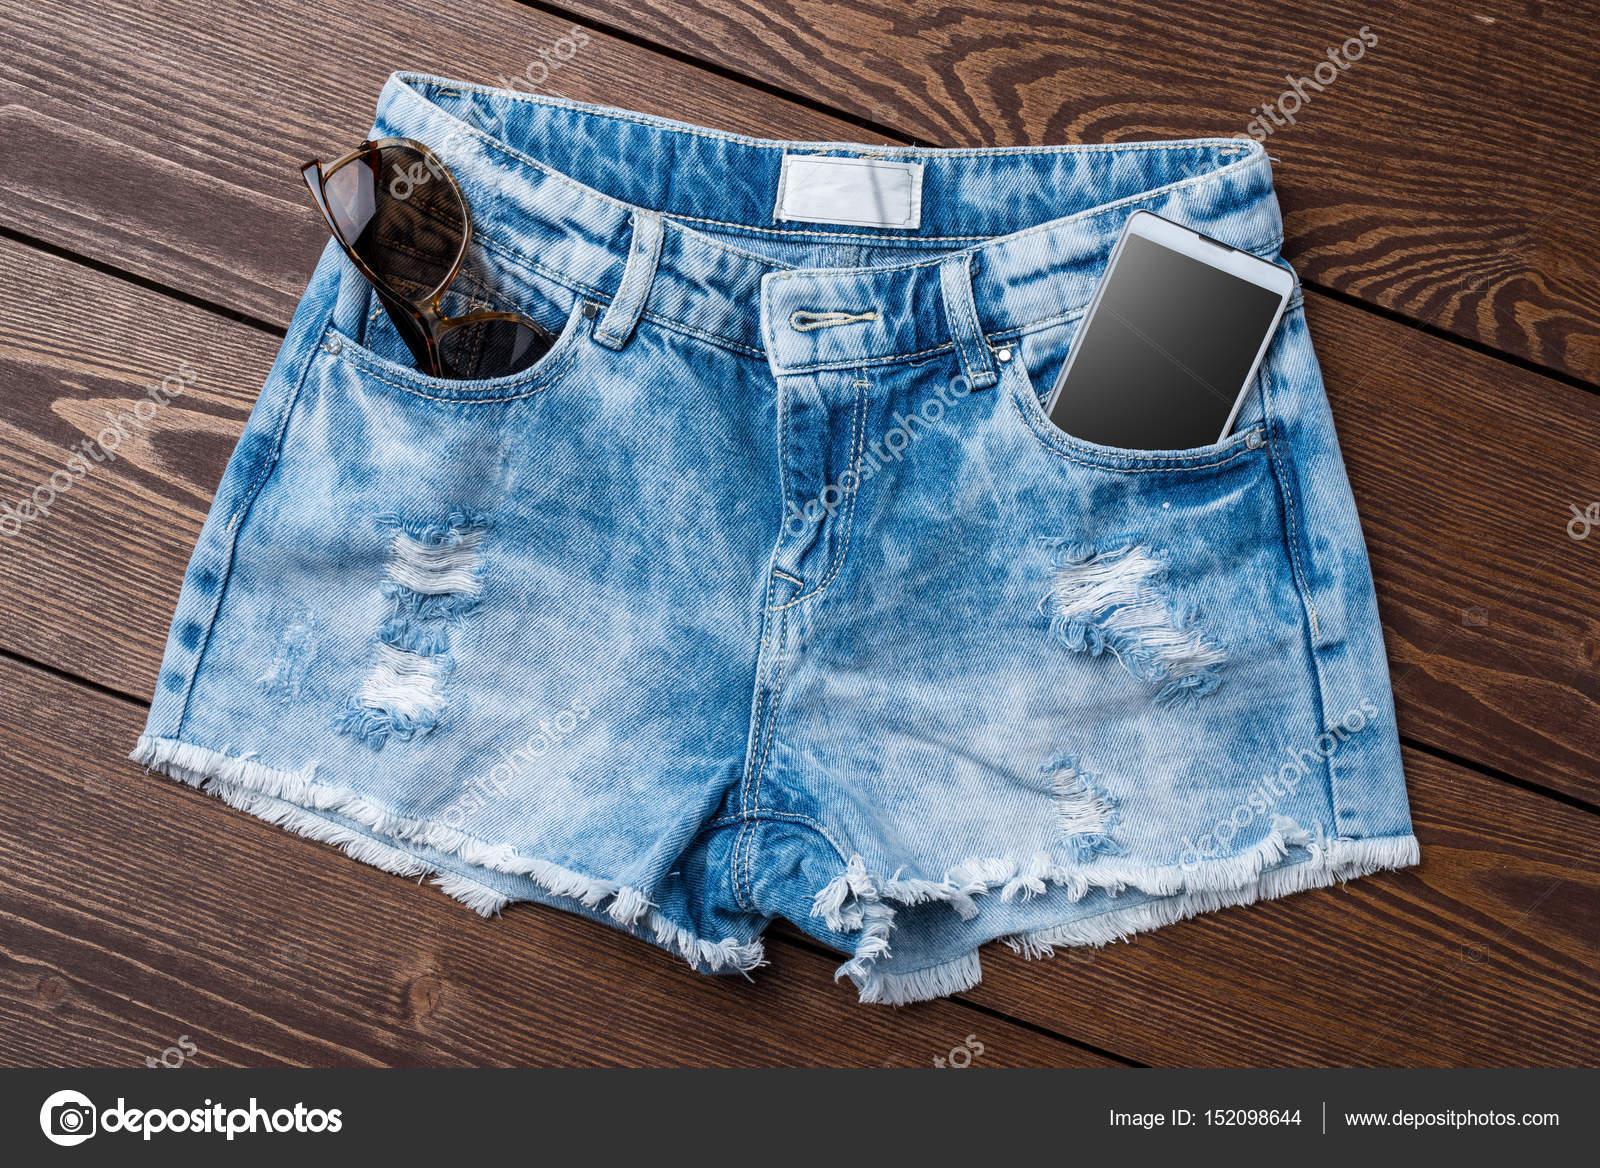 905797ea82 Pantalones cortos de jeans de mujer en mesa de madera — Fotos de Stock